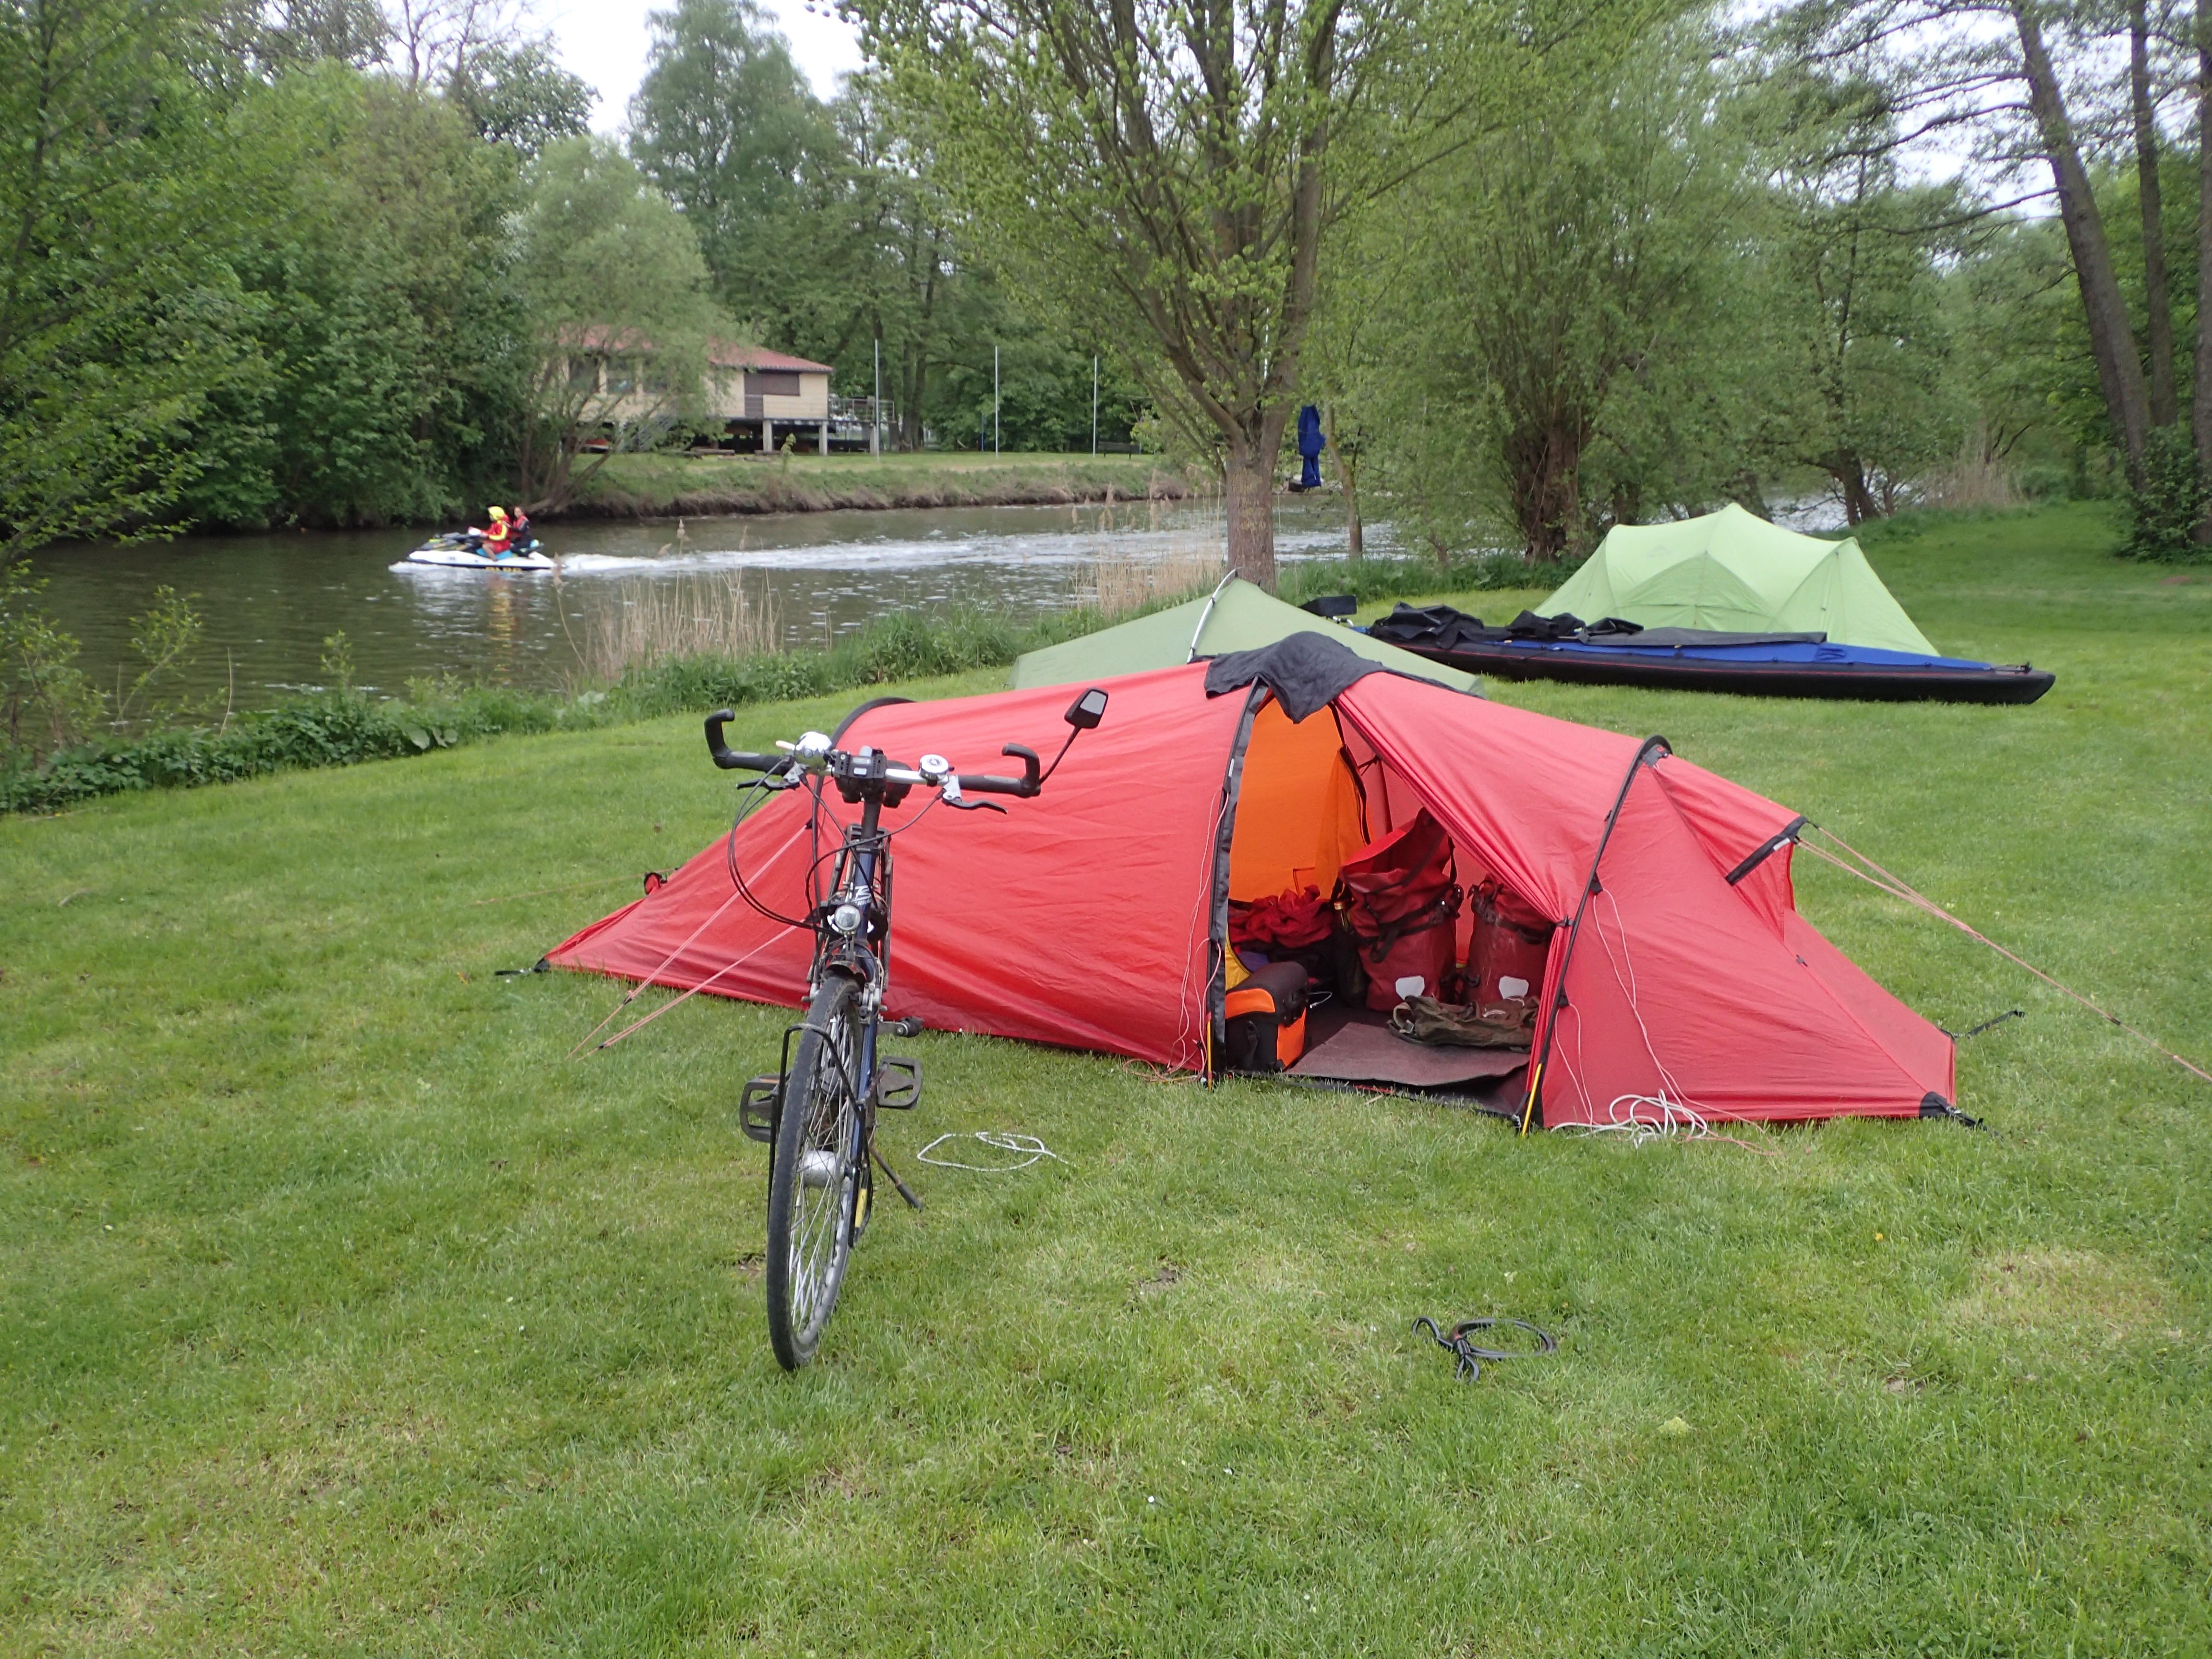 Campingplatz Rotenburg direkt an der Fulda